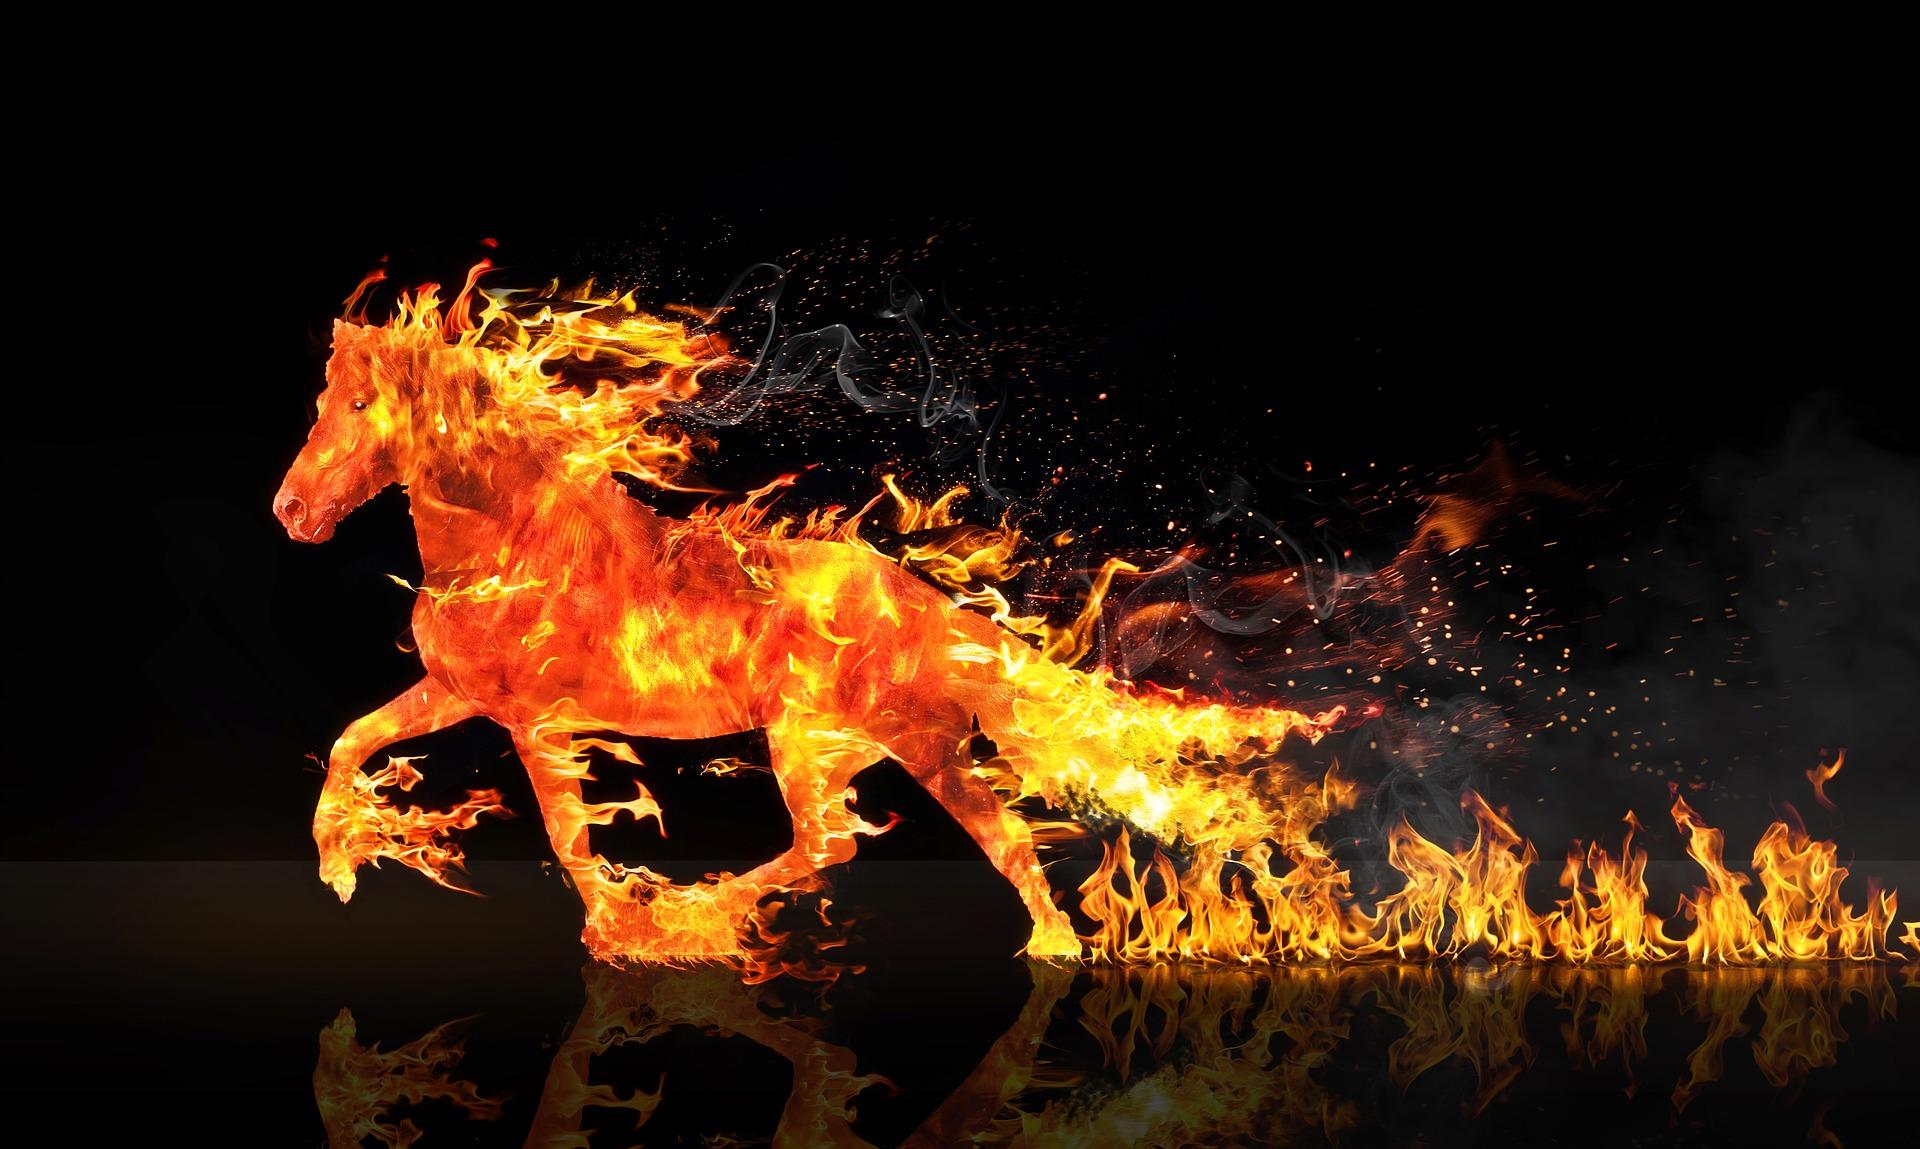 Fire horse 2492947 1920